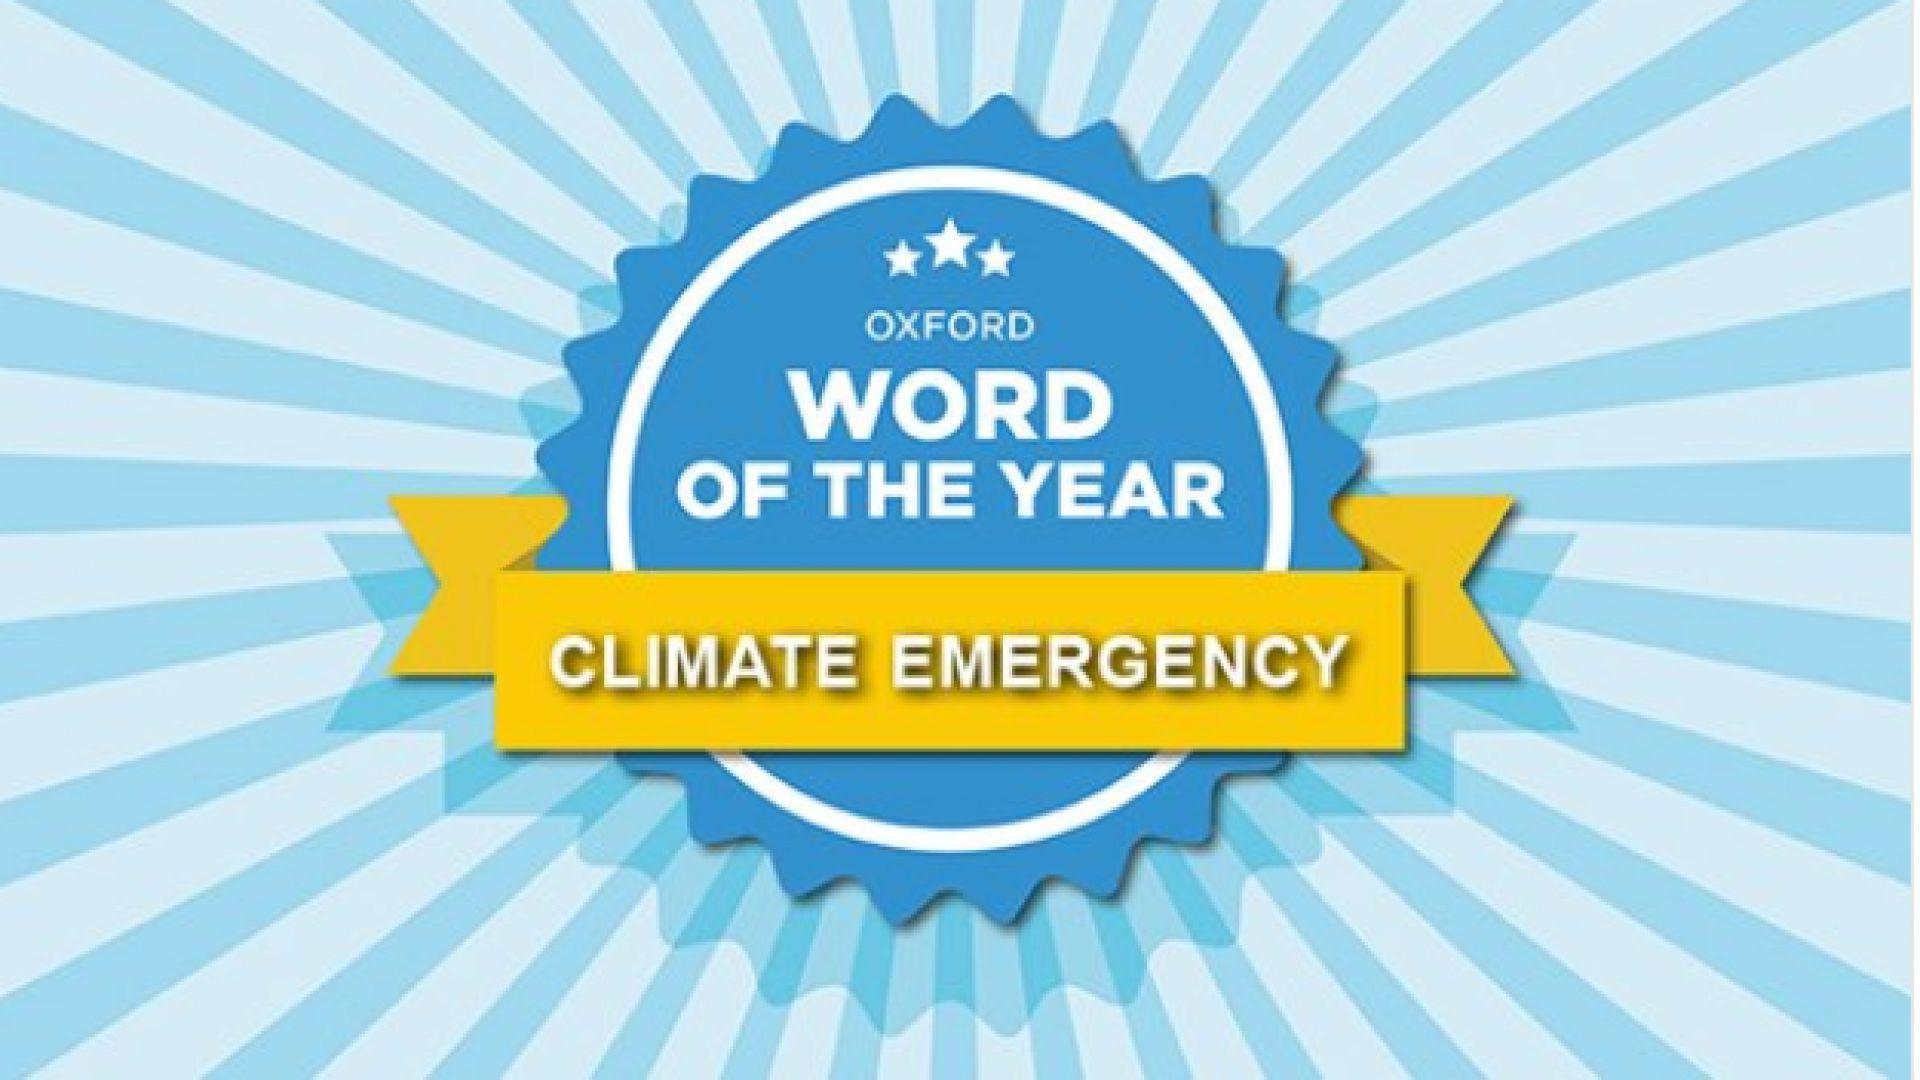 Оксфордският речник определи думата на 2019 година - climate emergency,